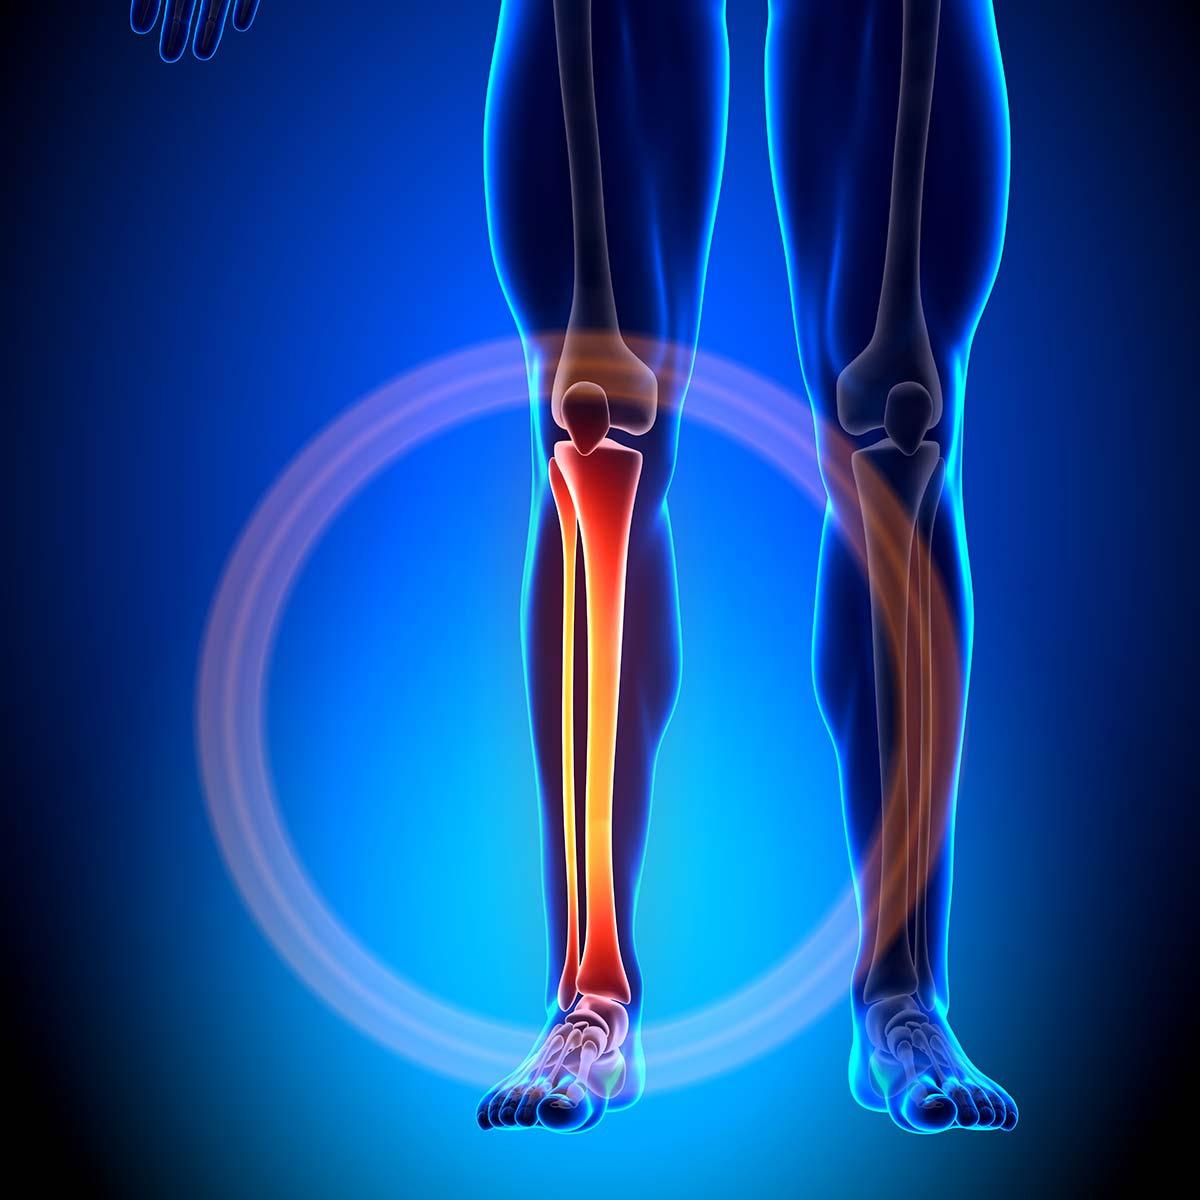 Schienbein Schmerzen Darstellung Anatomie